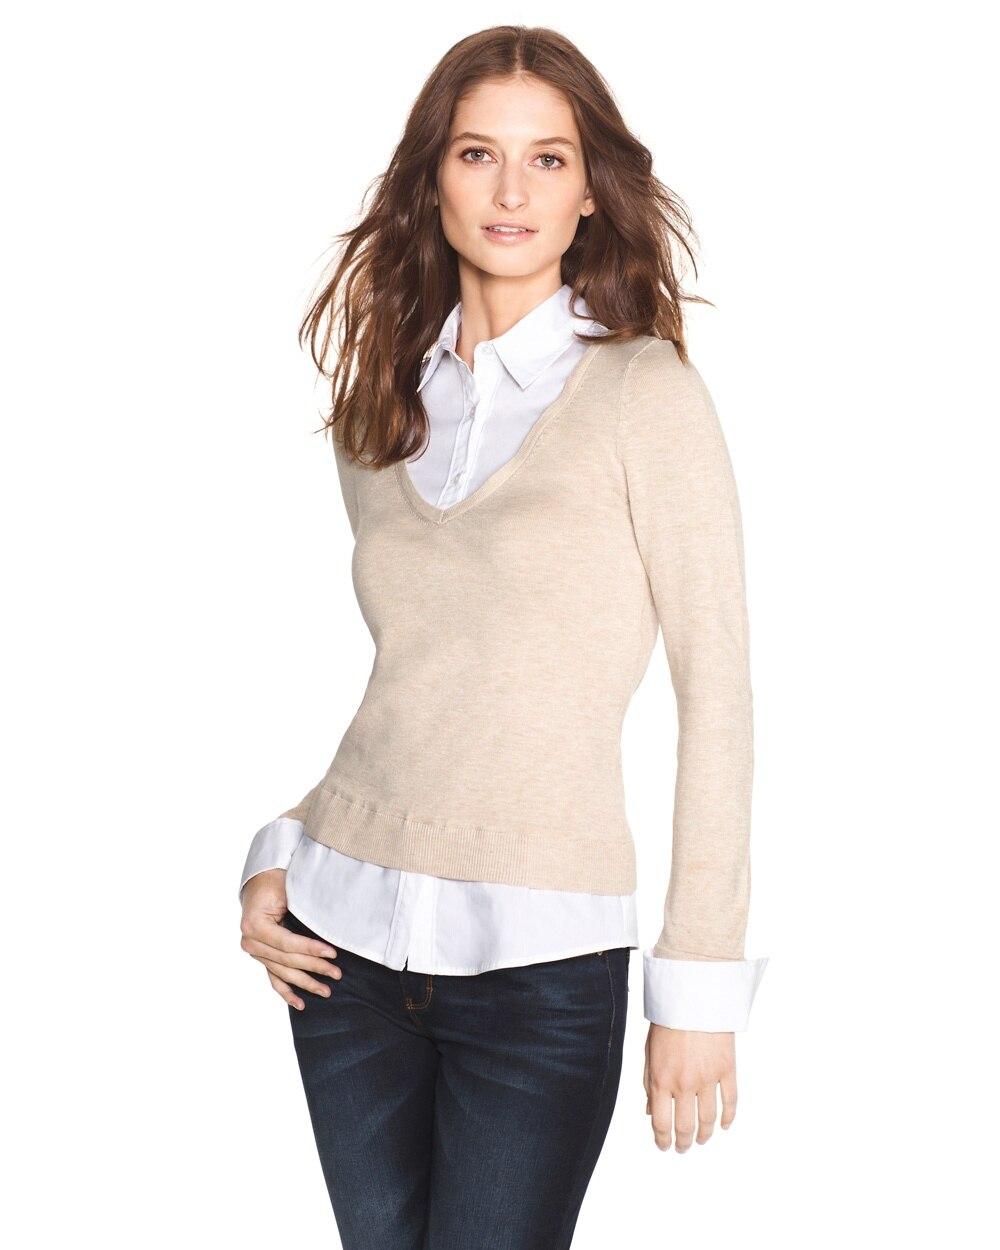 1411e632123063 Two-Fer Shirt Pullover - White House Black Market